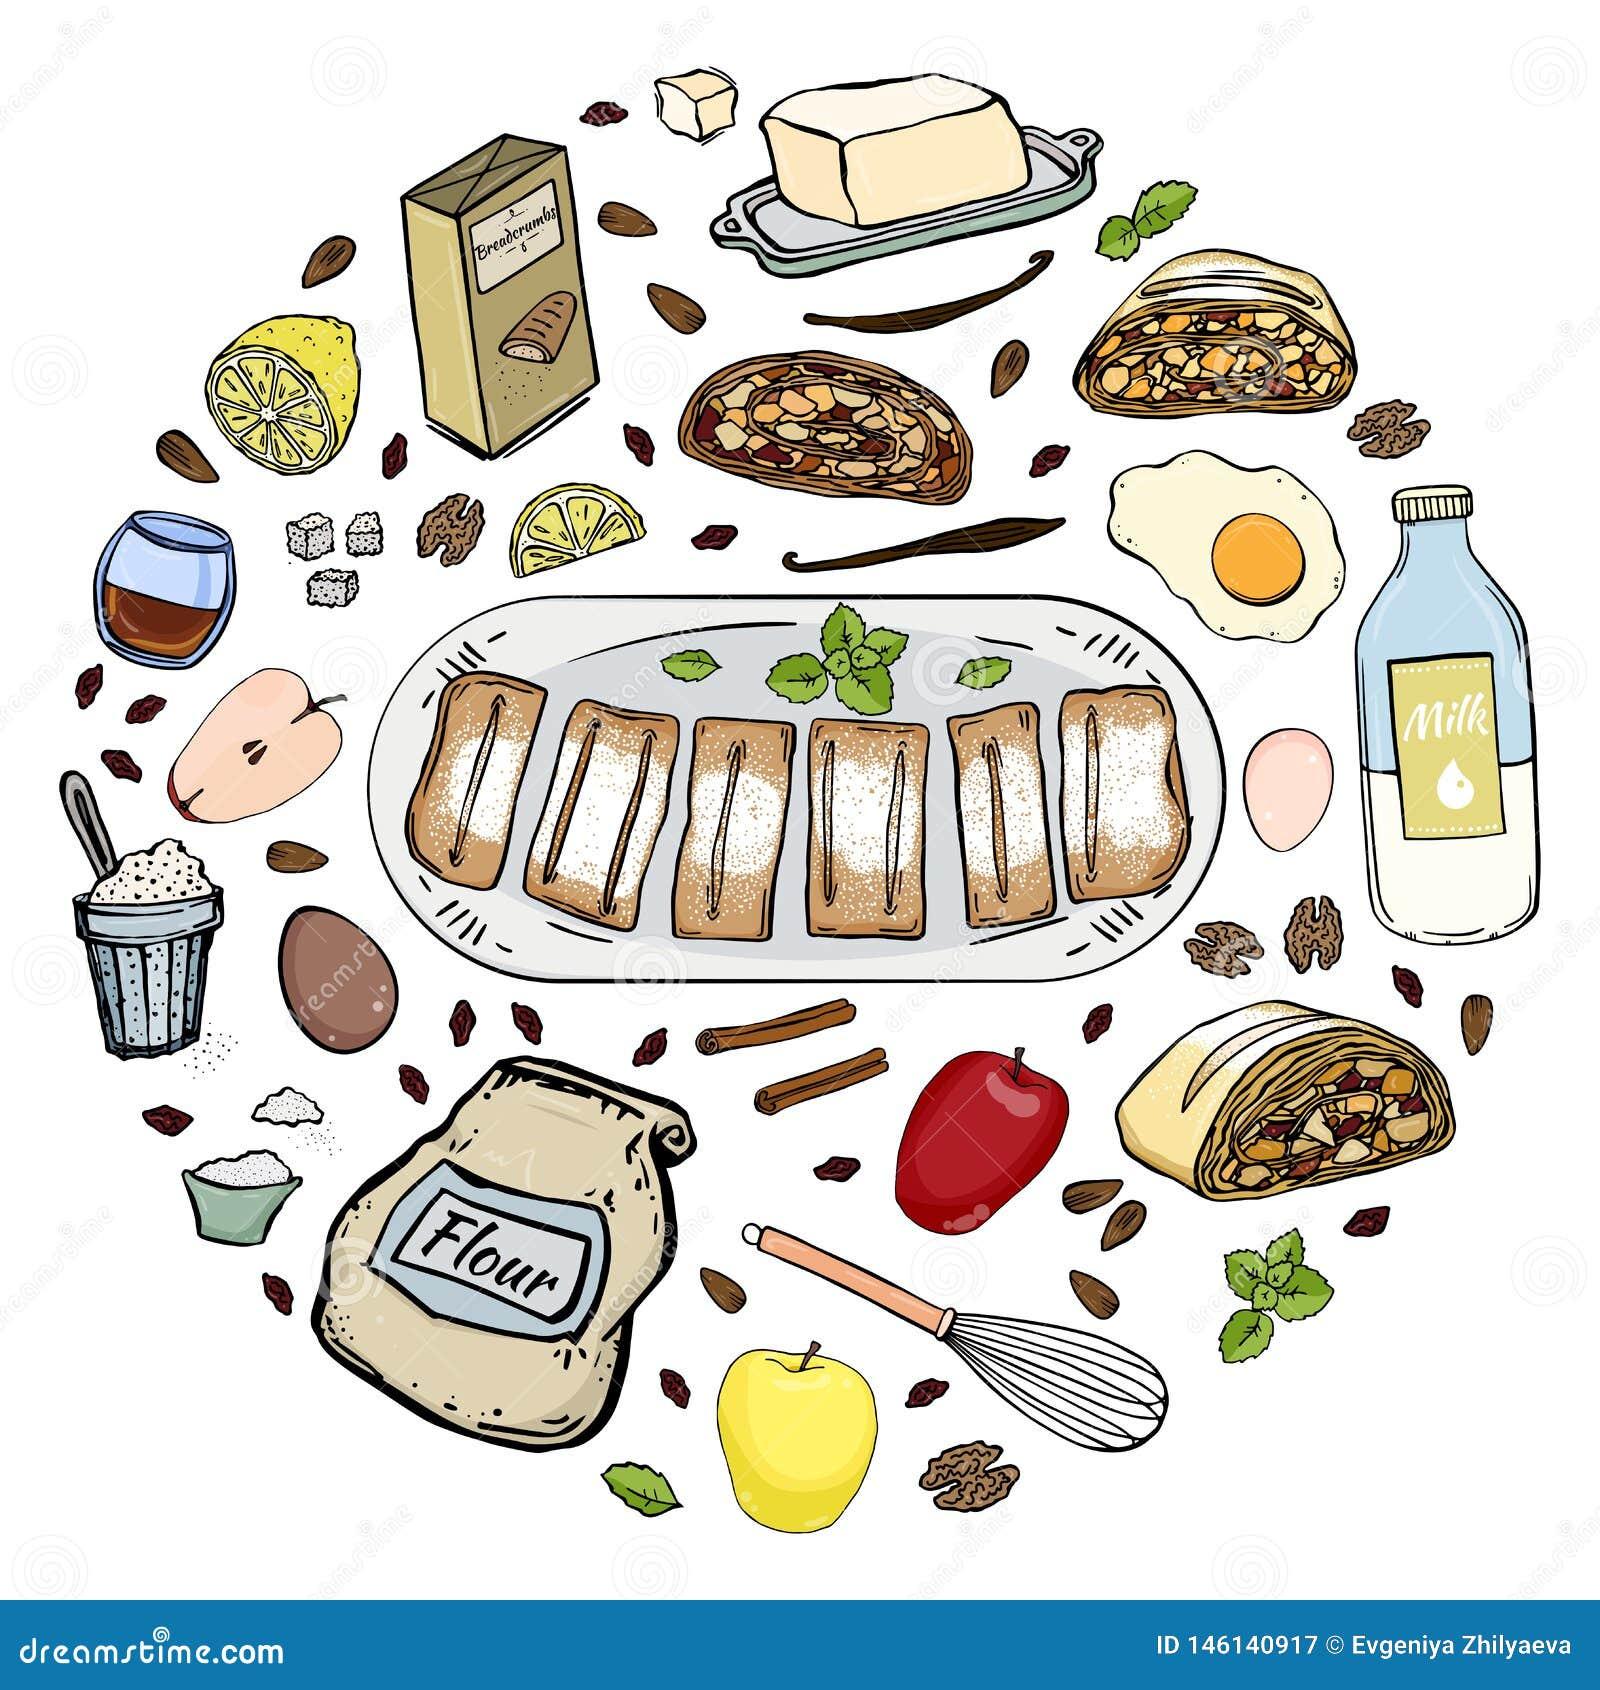 Strudel recipe circle